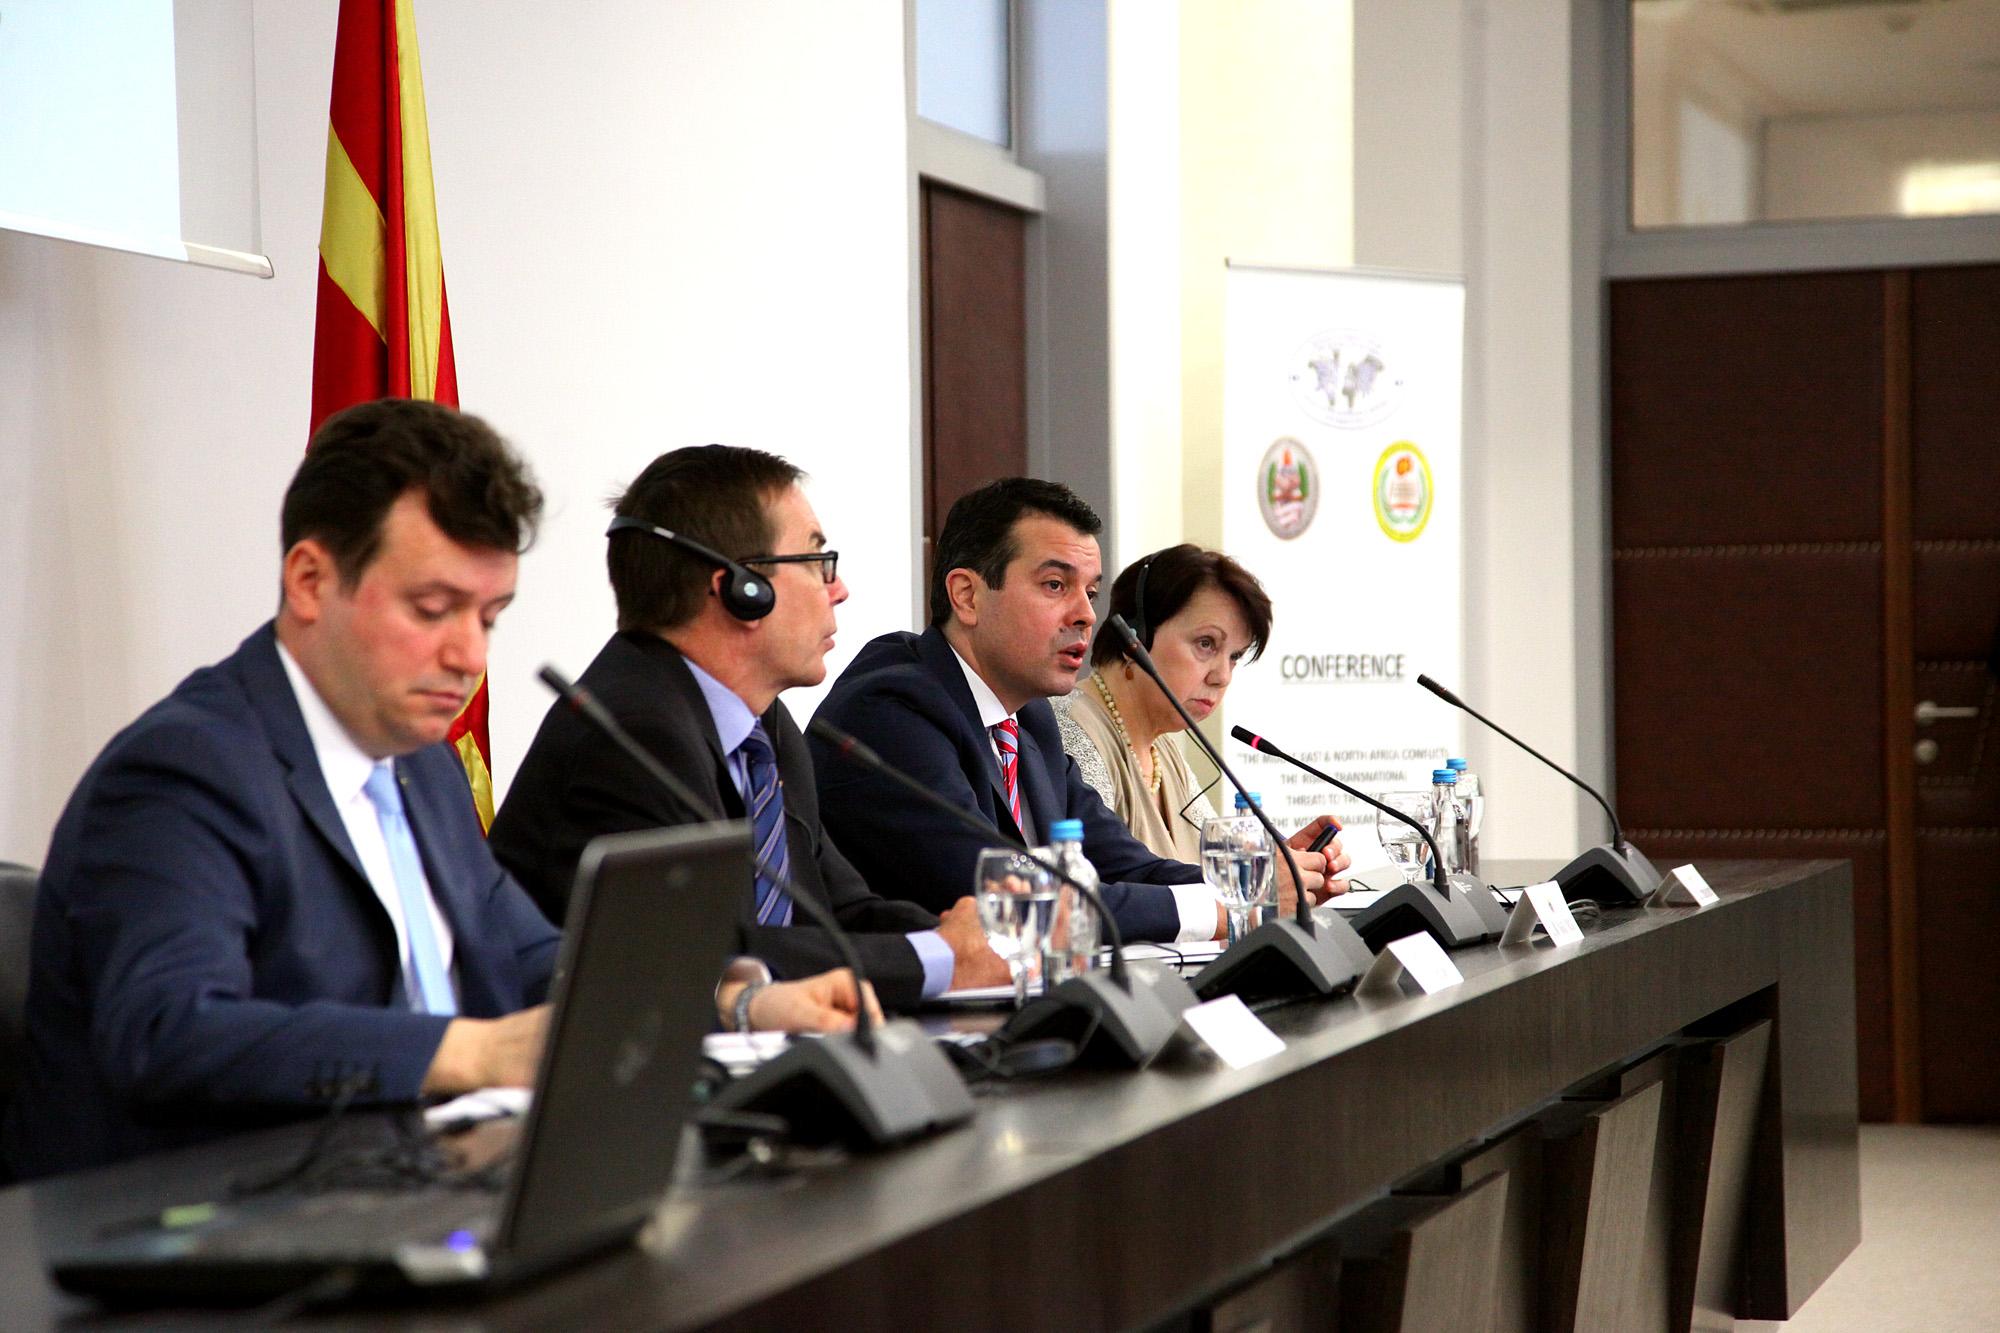 Обраќање на МНР Попоски на Конференција во МНР